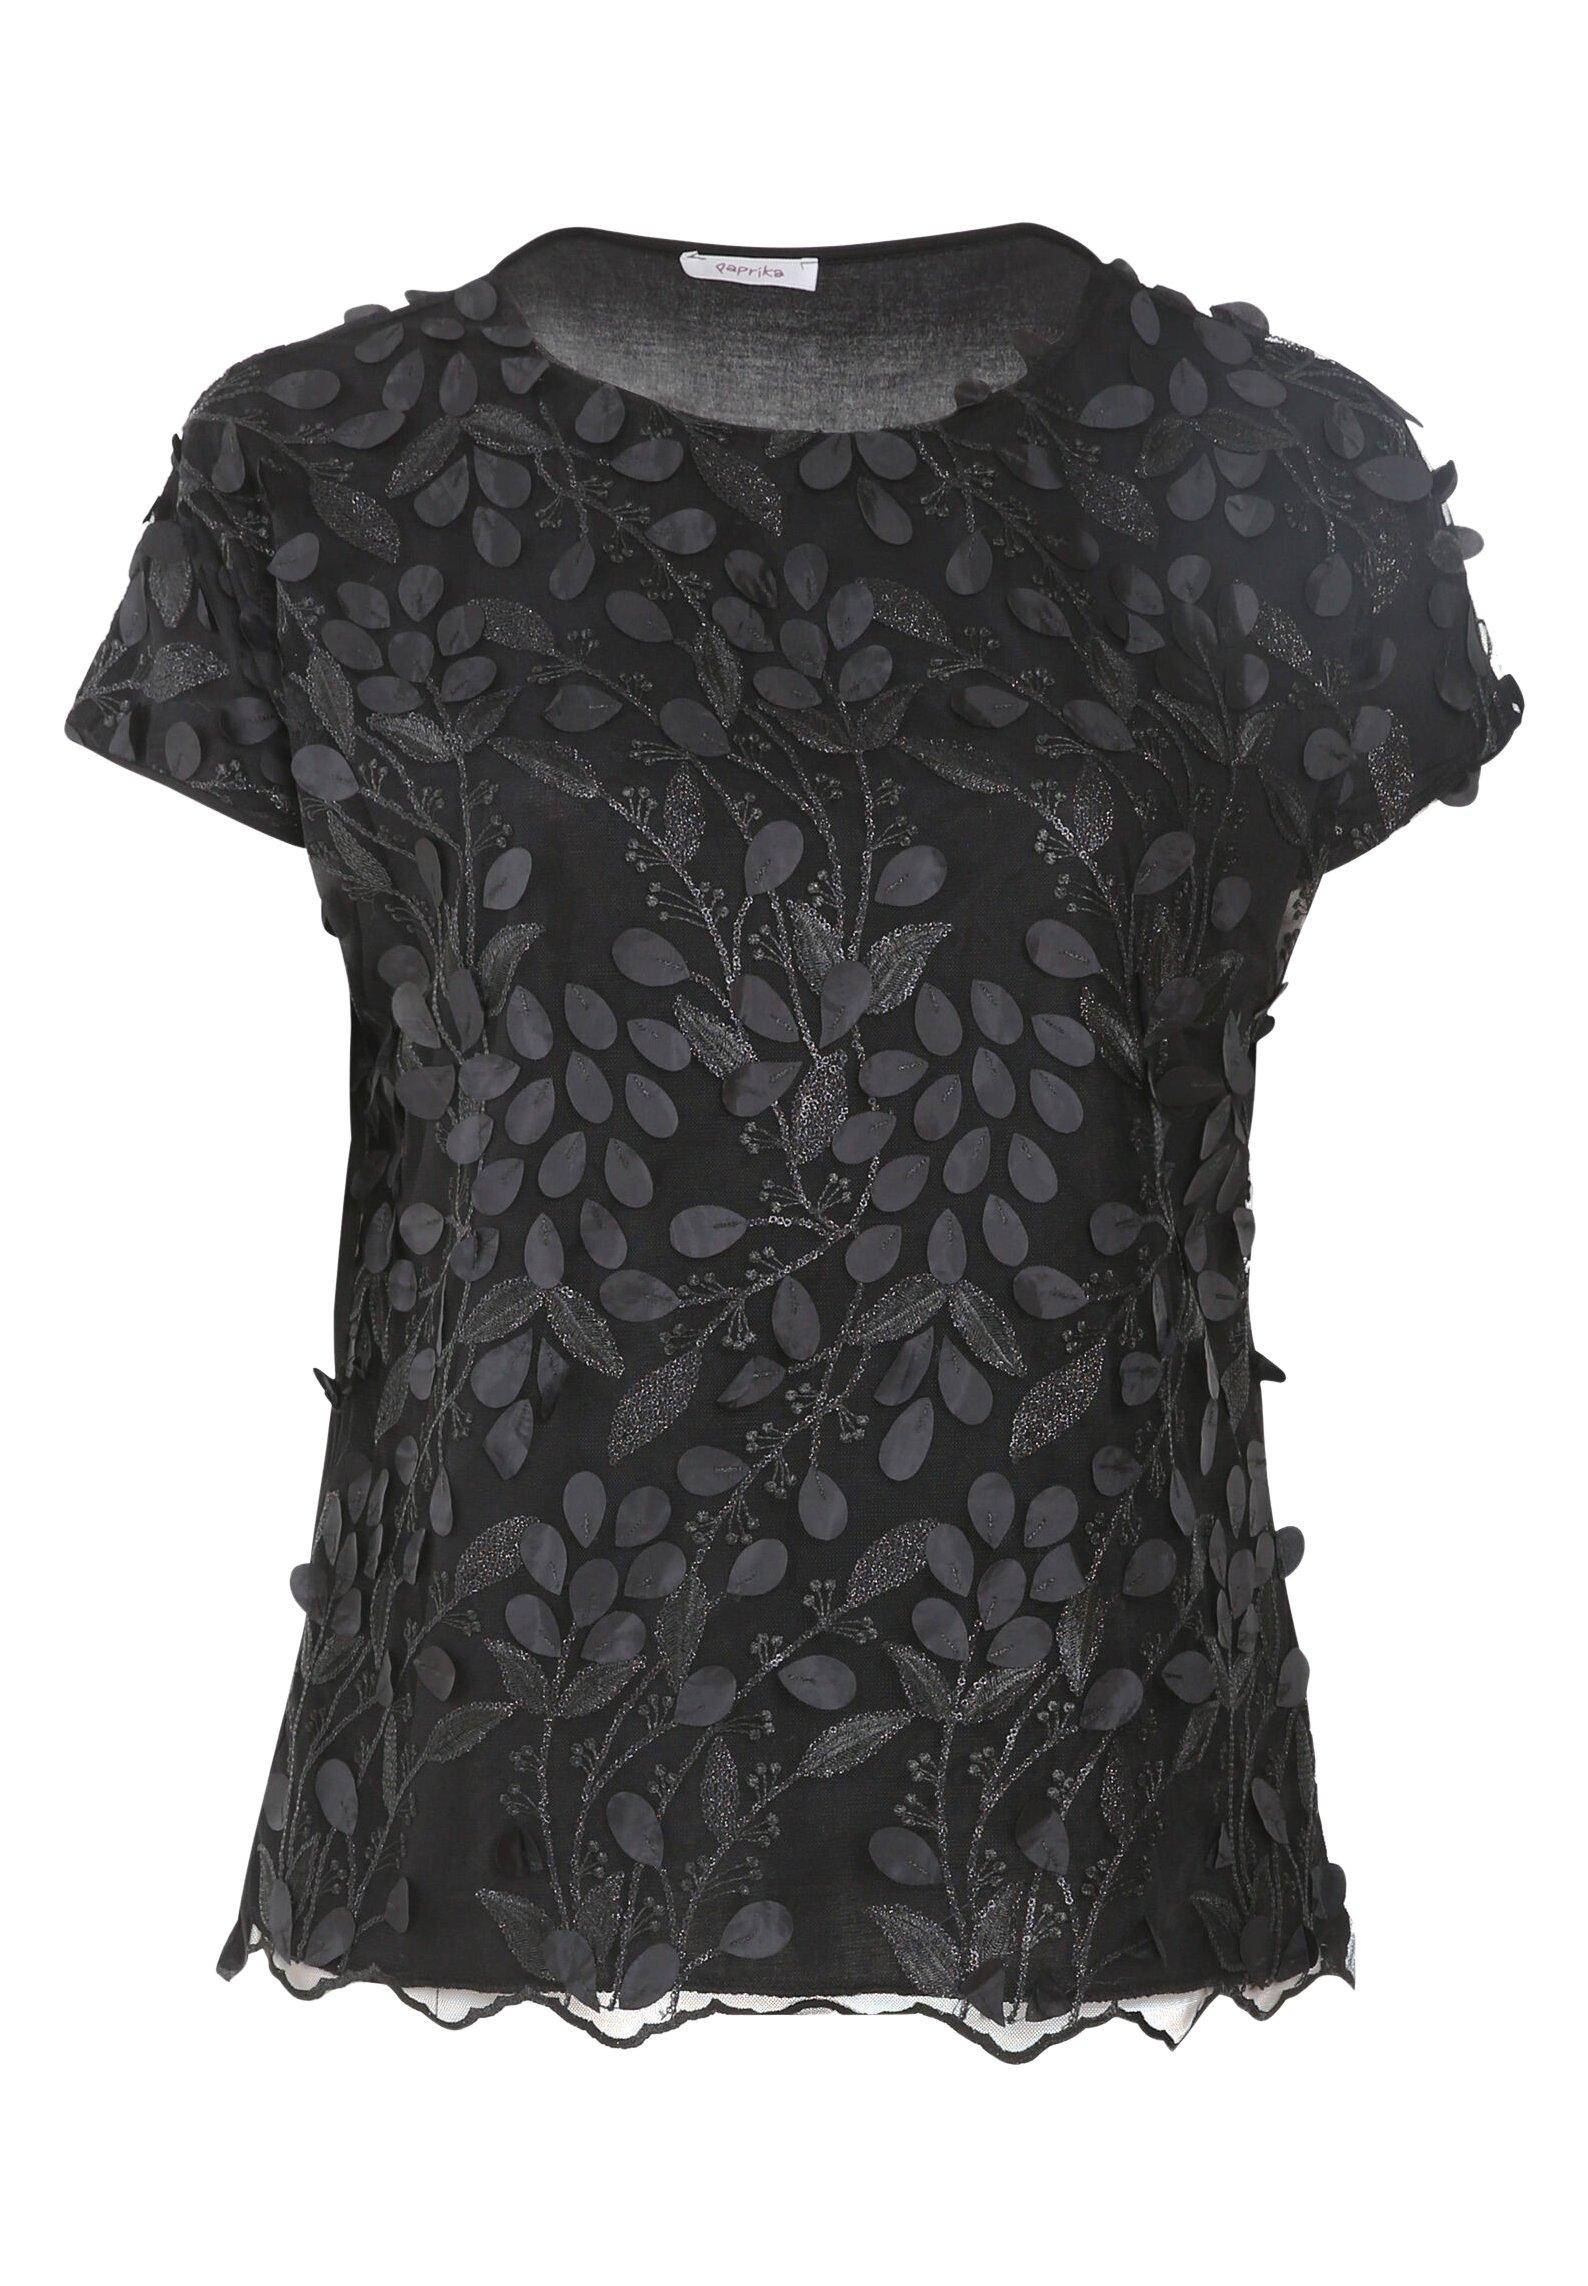 Paprika Mit Floralem Muster Und Pailletten - Blouse Black